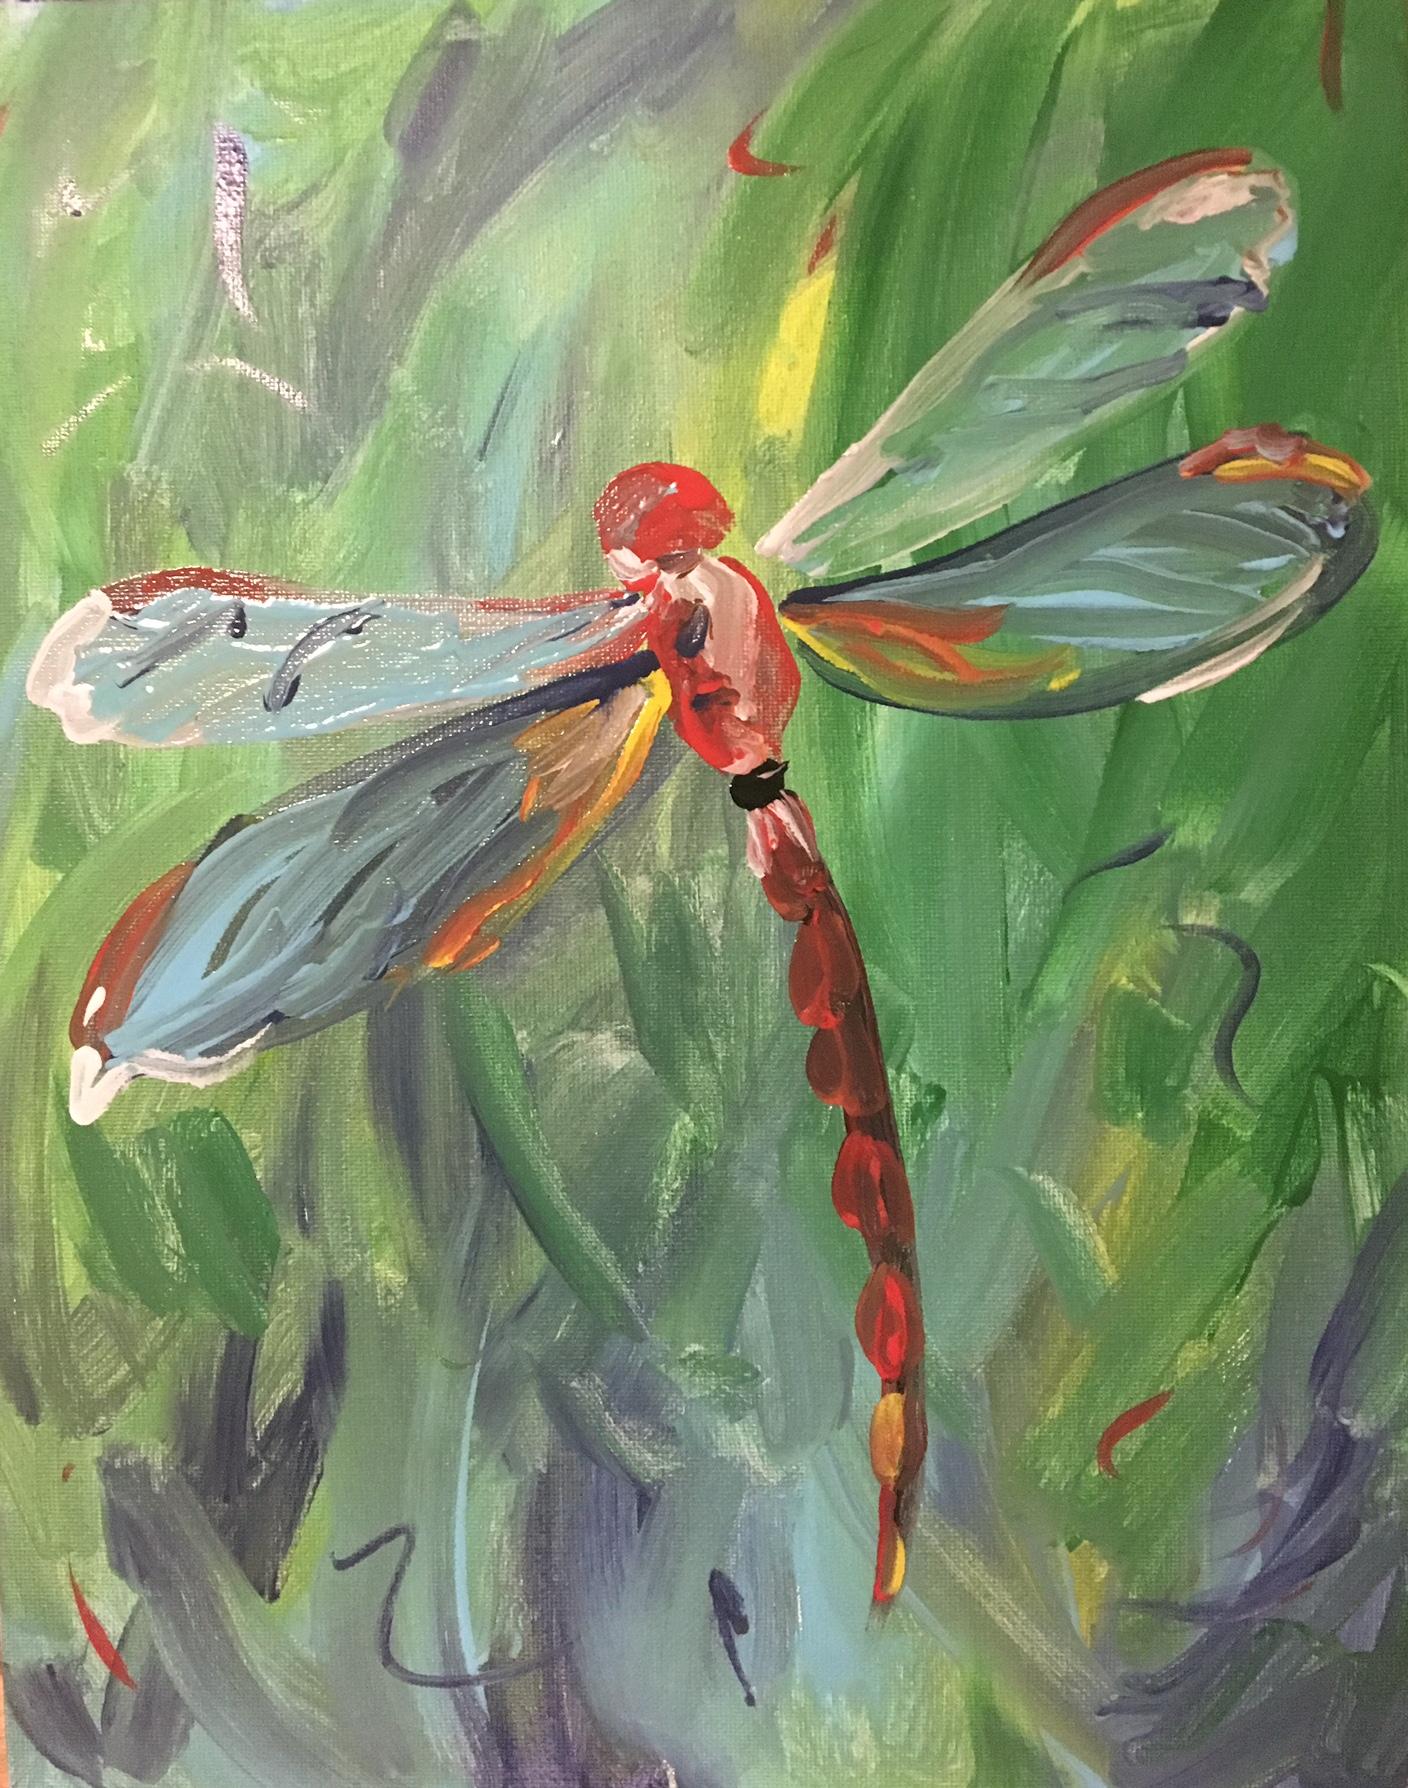 flit fly dragonfly paint-along - farnsworth house inn tavern